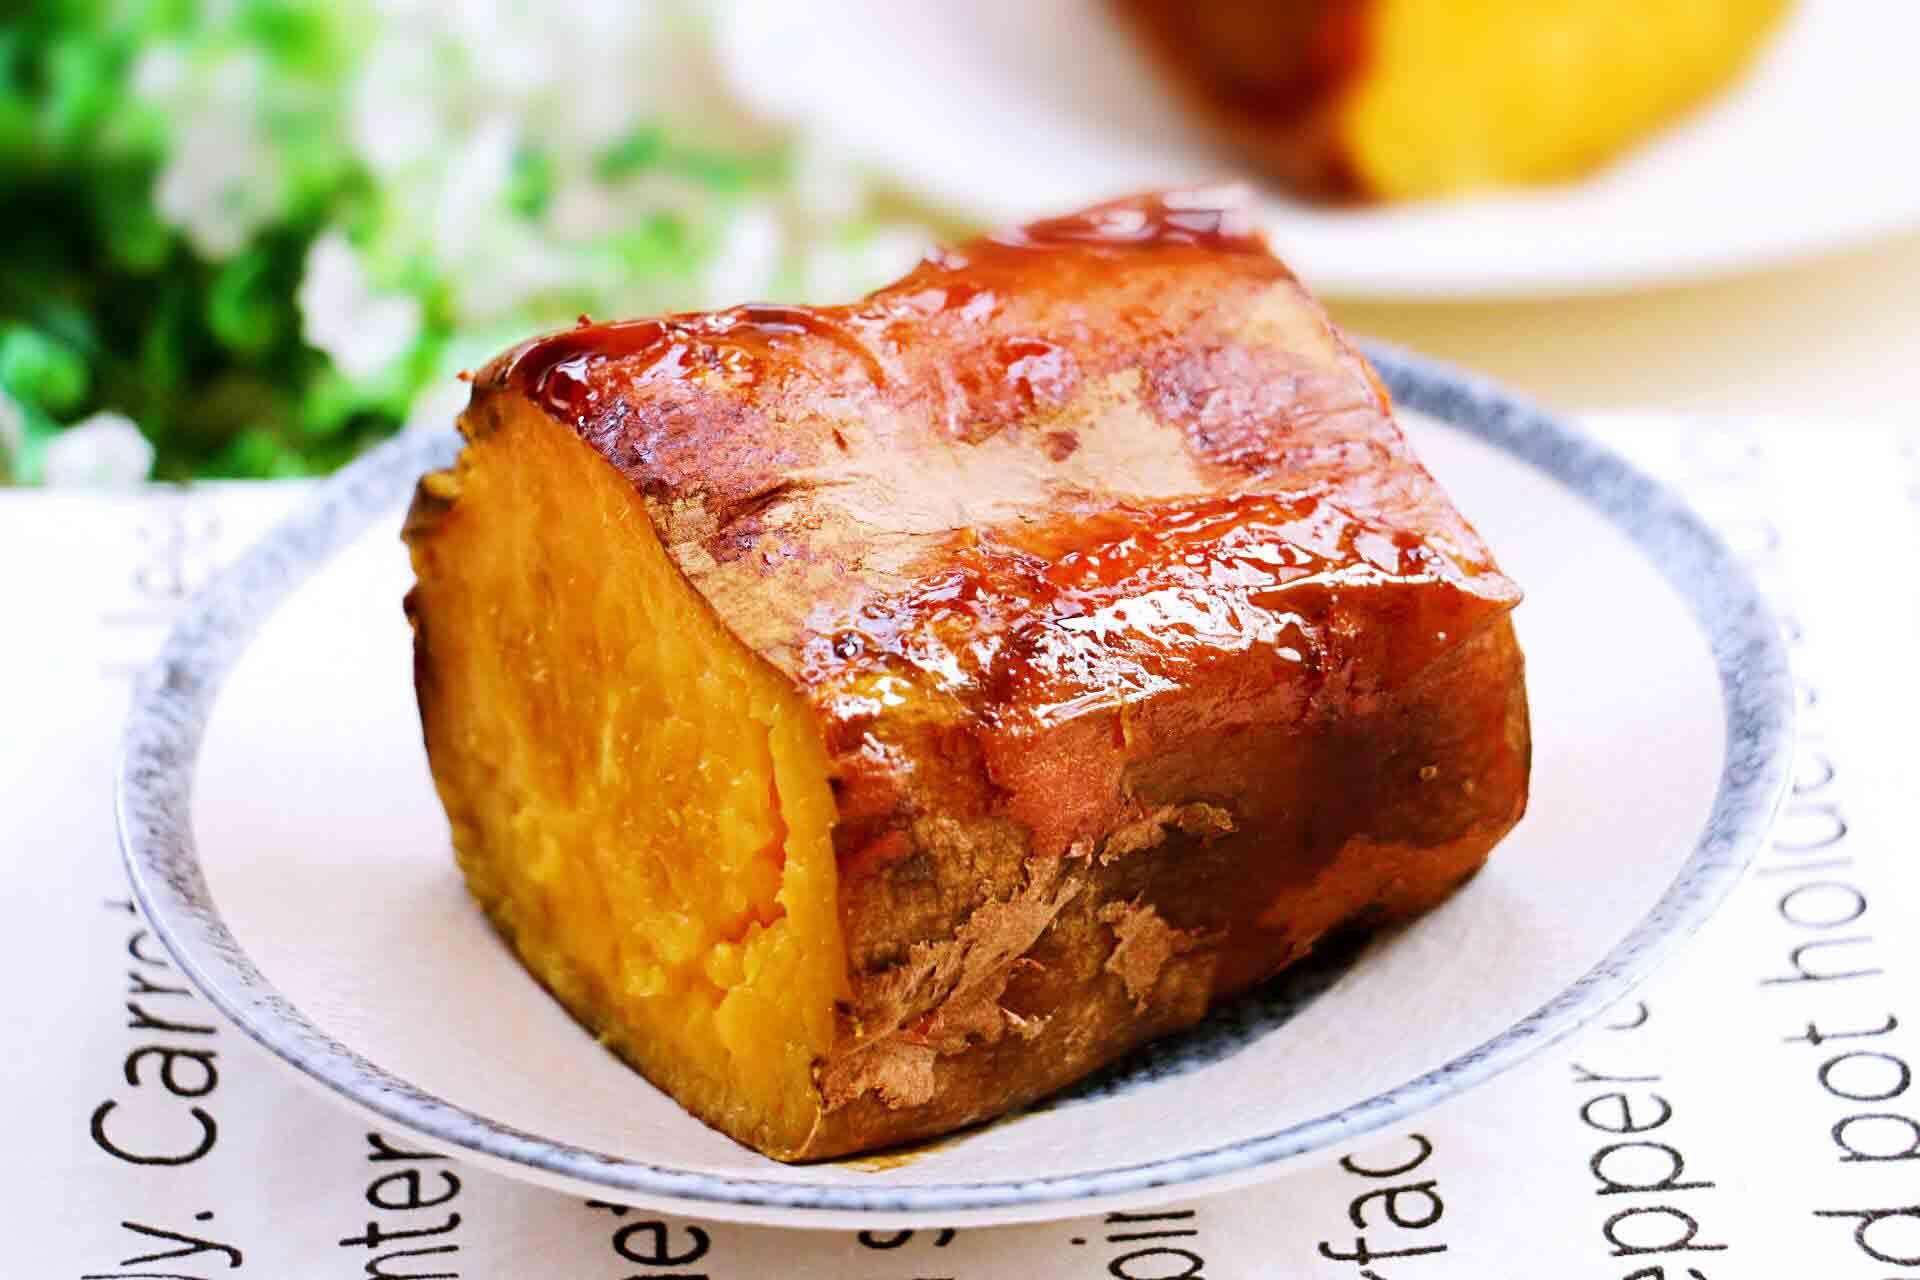 蓬莱优良冻烤红薯价格,冻烤红薯